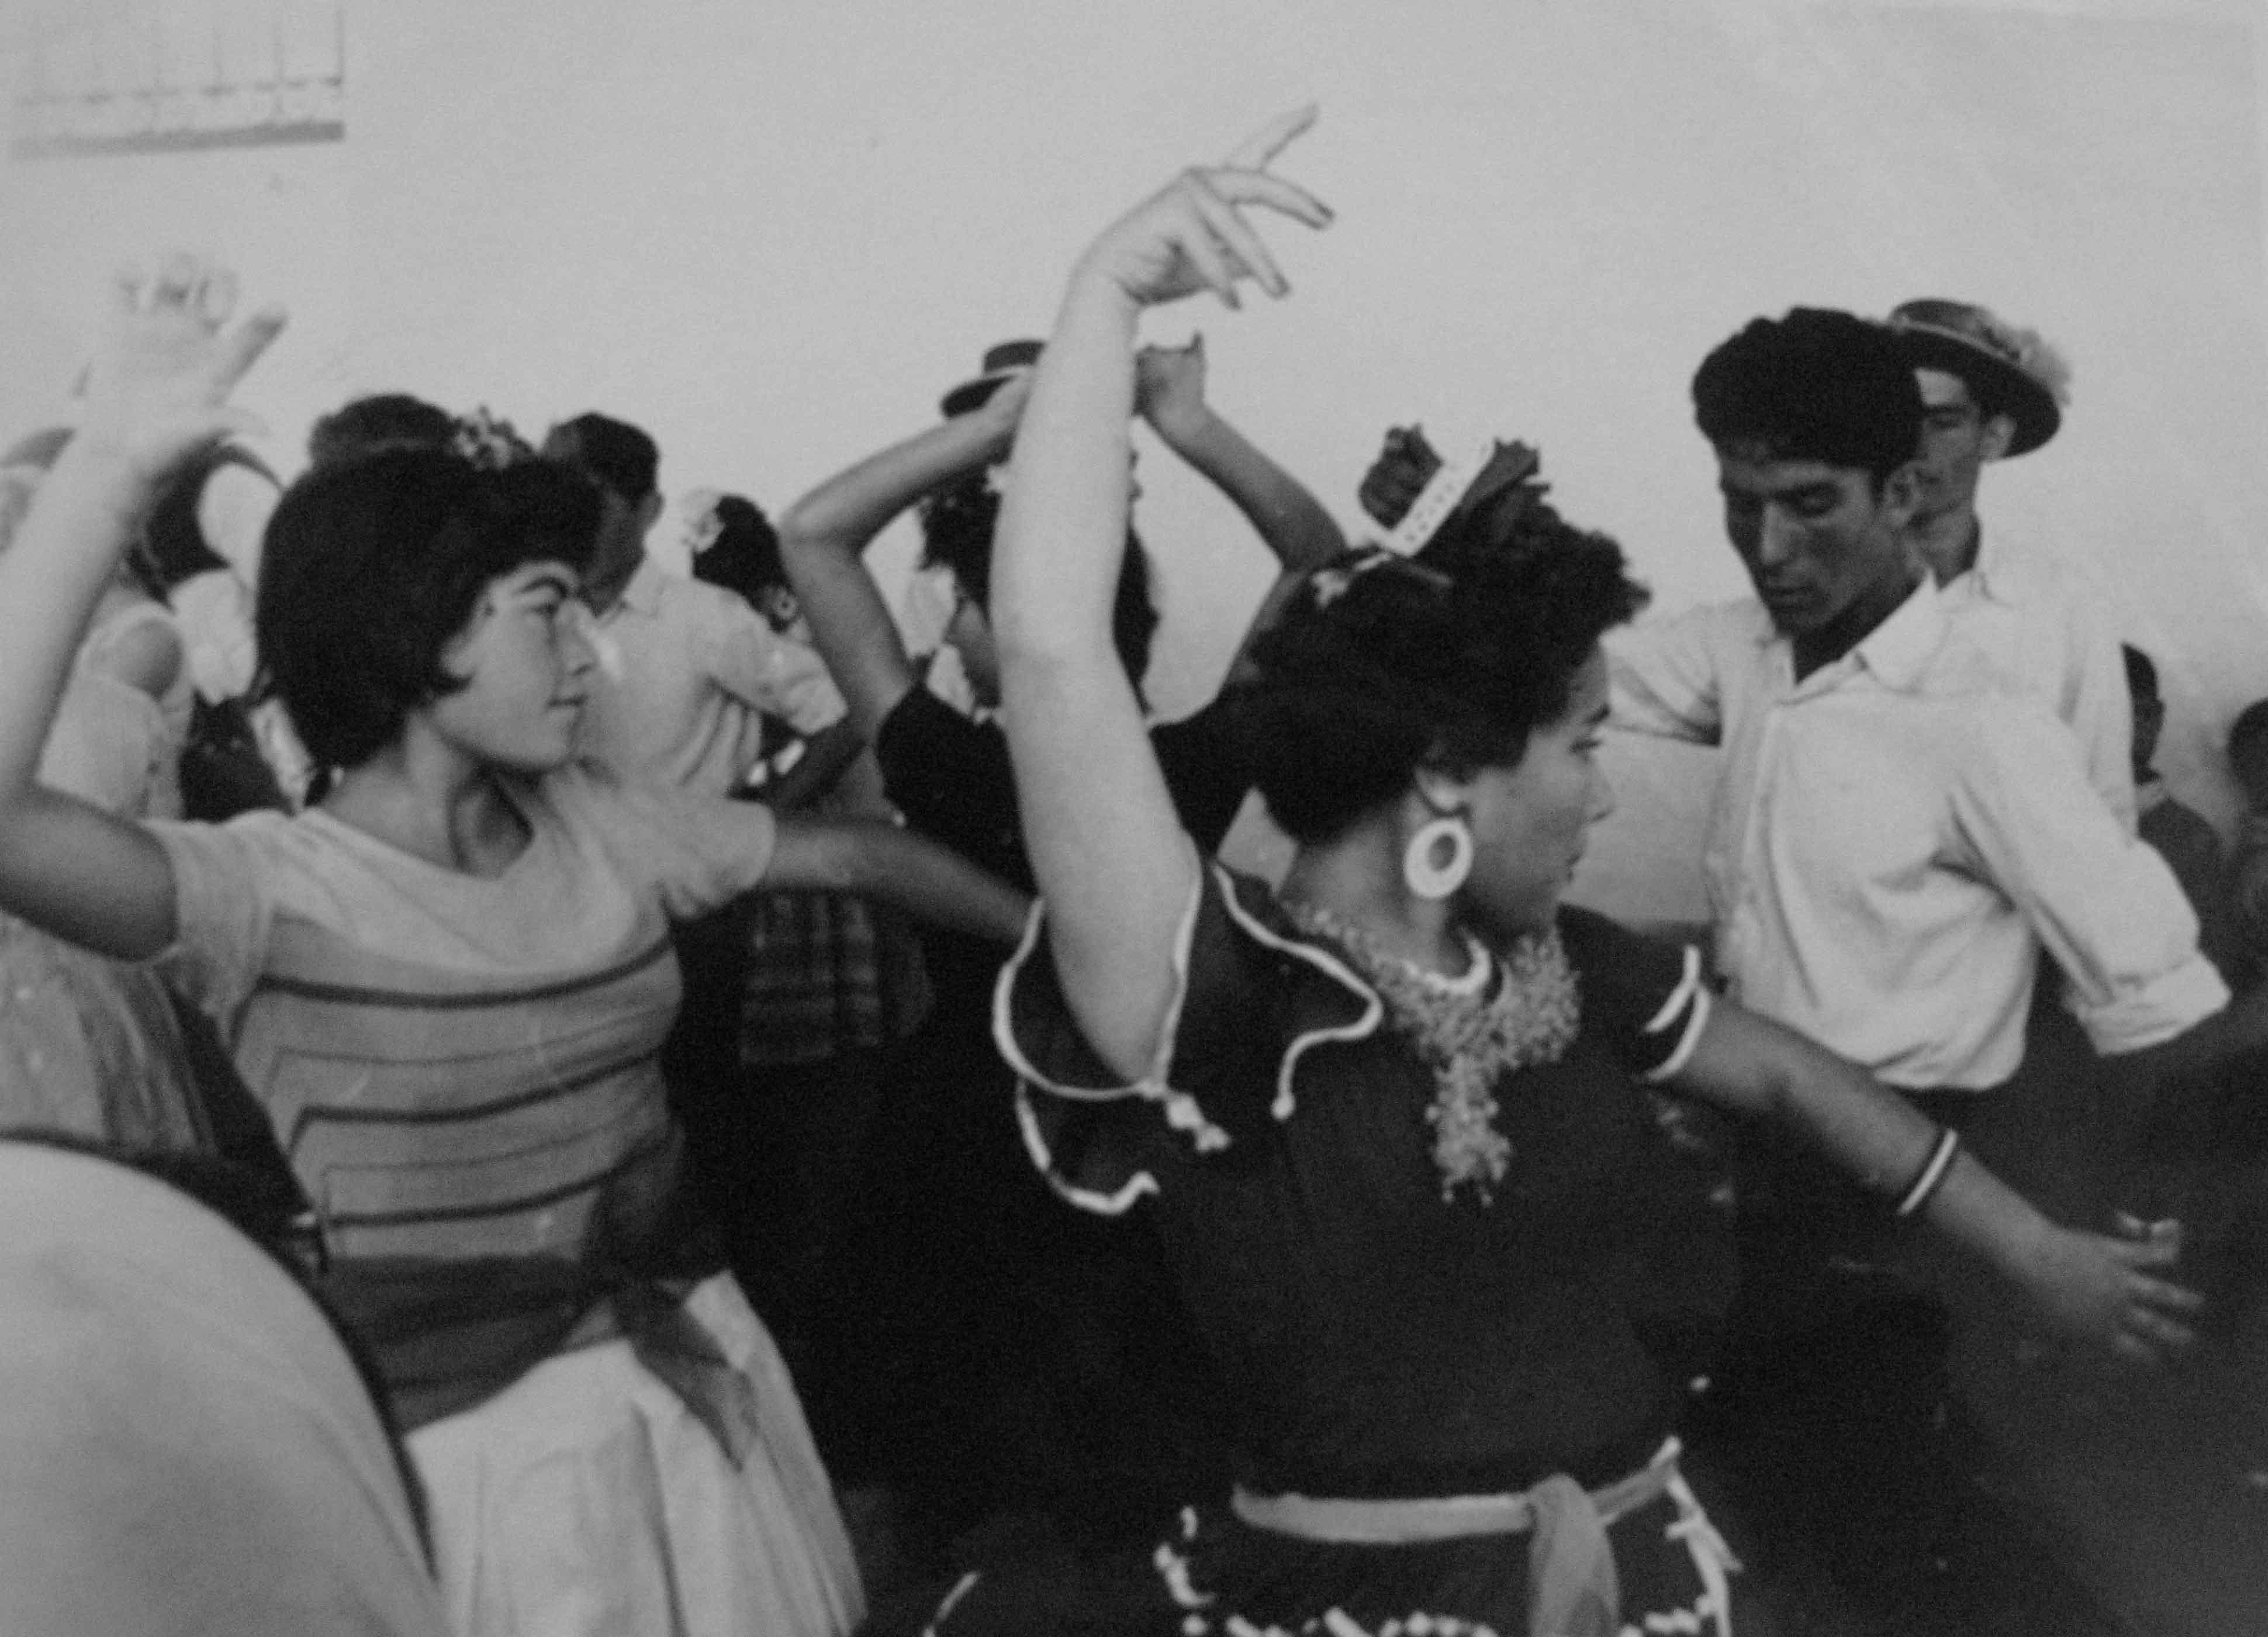 El Rocío. Almonte, 1959<br/>Gelatina de plata / Silver gelatin